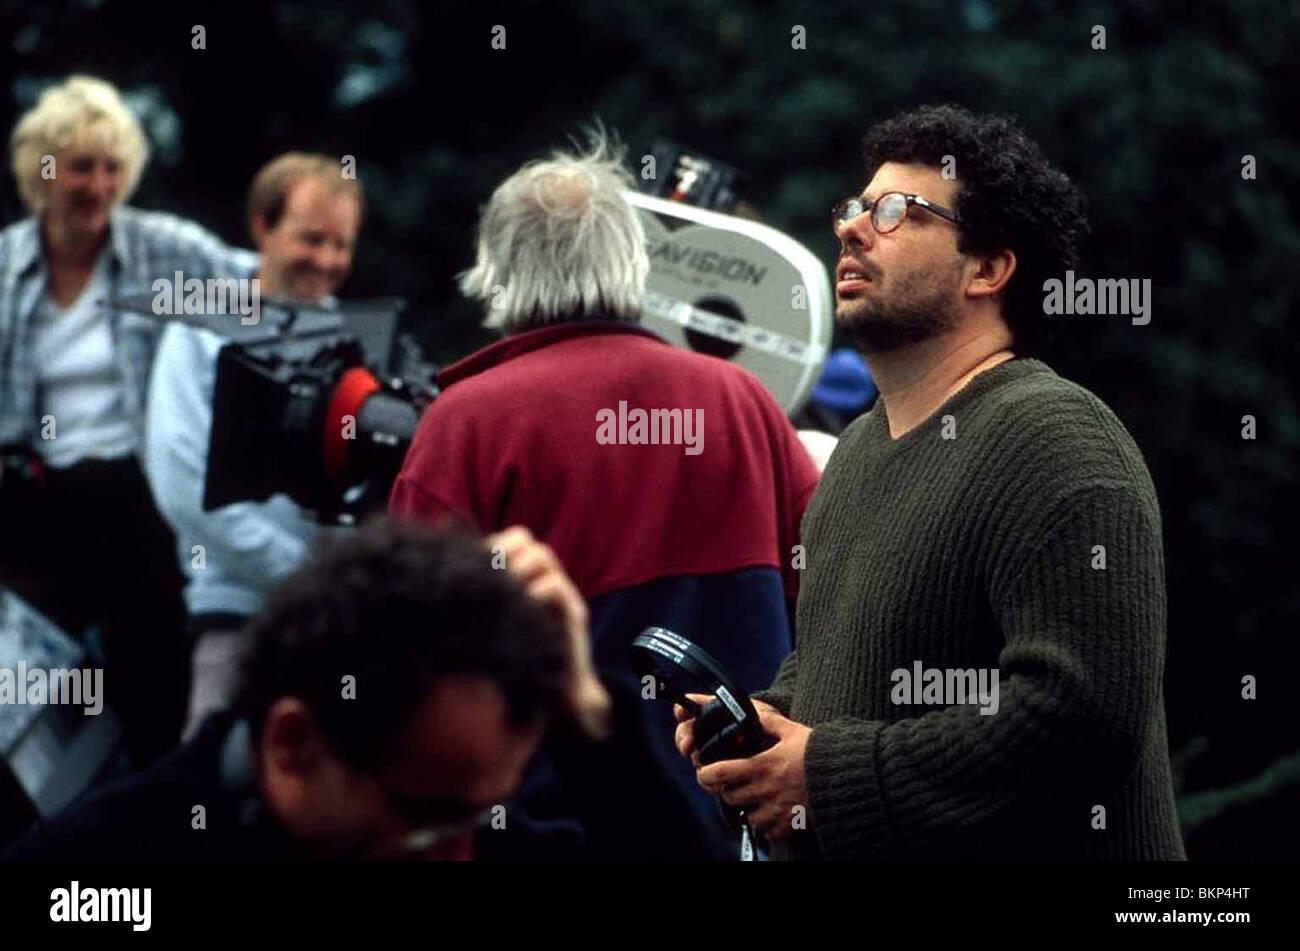 POSSESSION (2002) NEIL LABUTE (DIR) POSN 009 - Stock Image